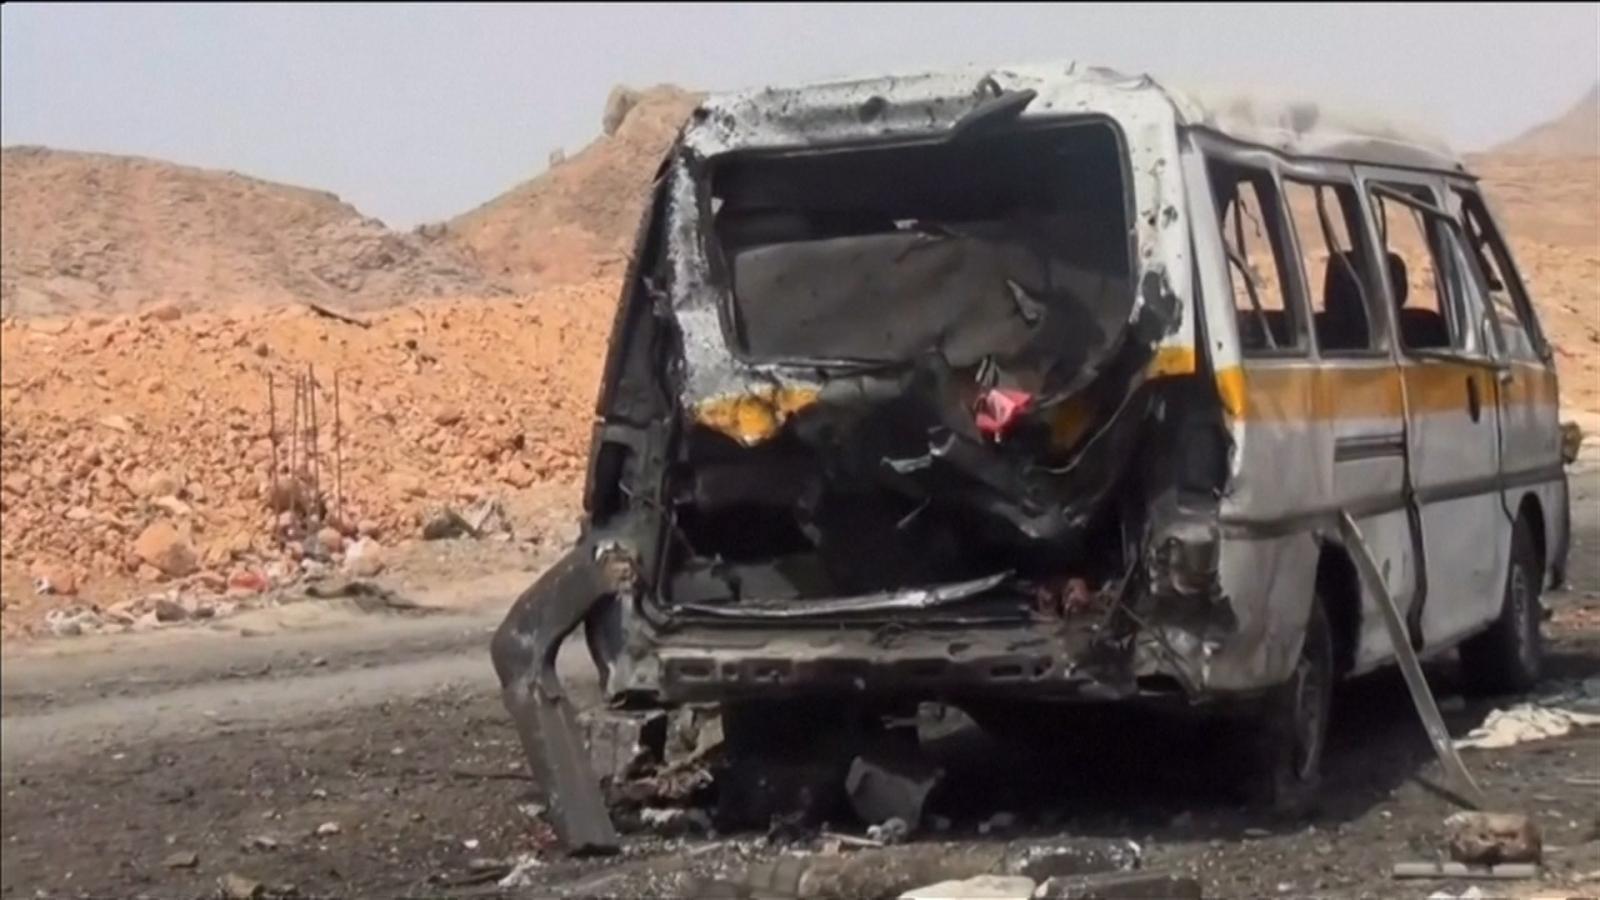 Yemen: suicide bombs